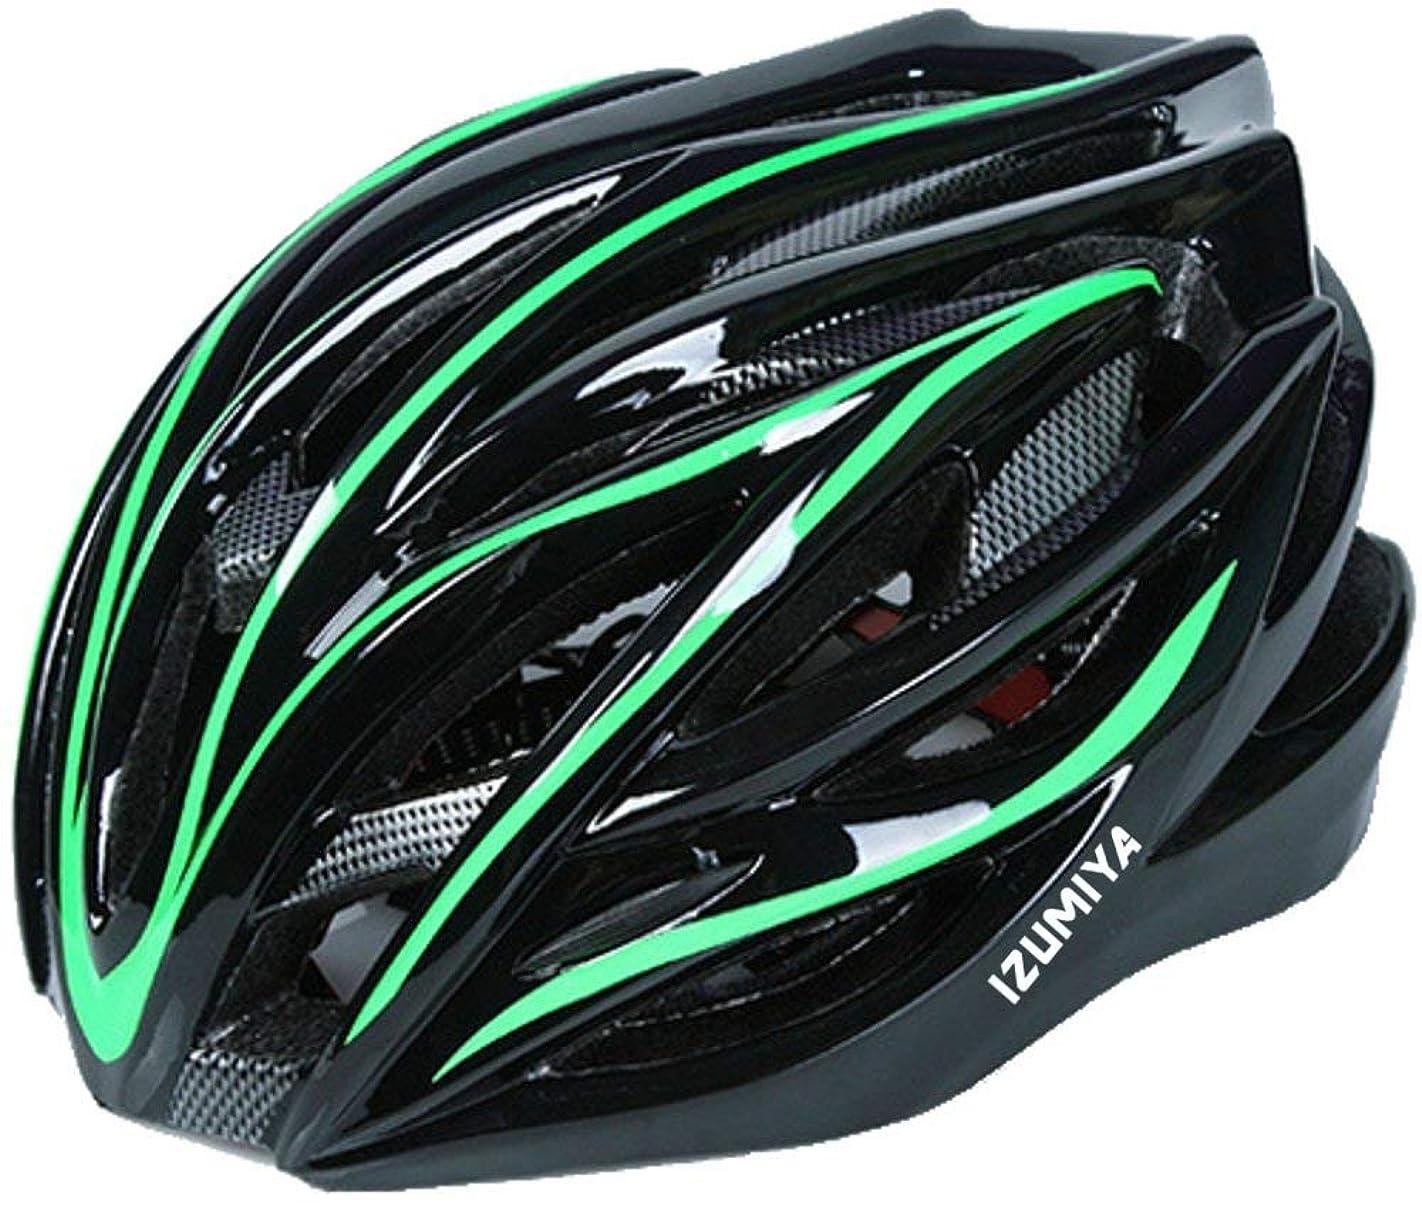 ヘビー限定韻IZUMIYA 自転車 サイクリング ヘルメット 超軽量 高剛性 28孔 通気穴 ロードバイク クロスバイク サイズ調整可能